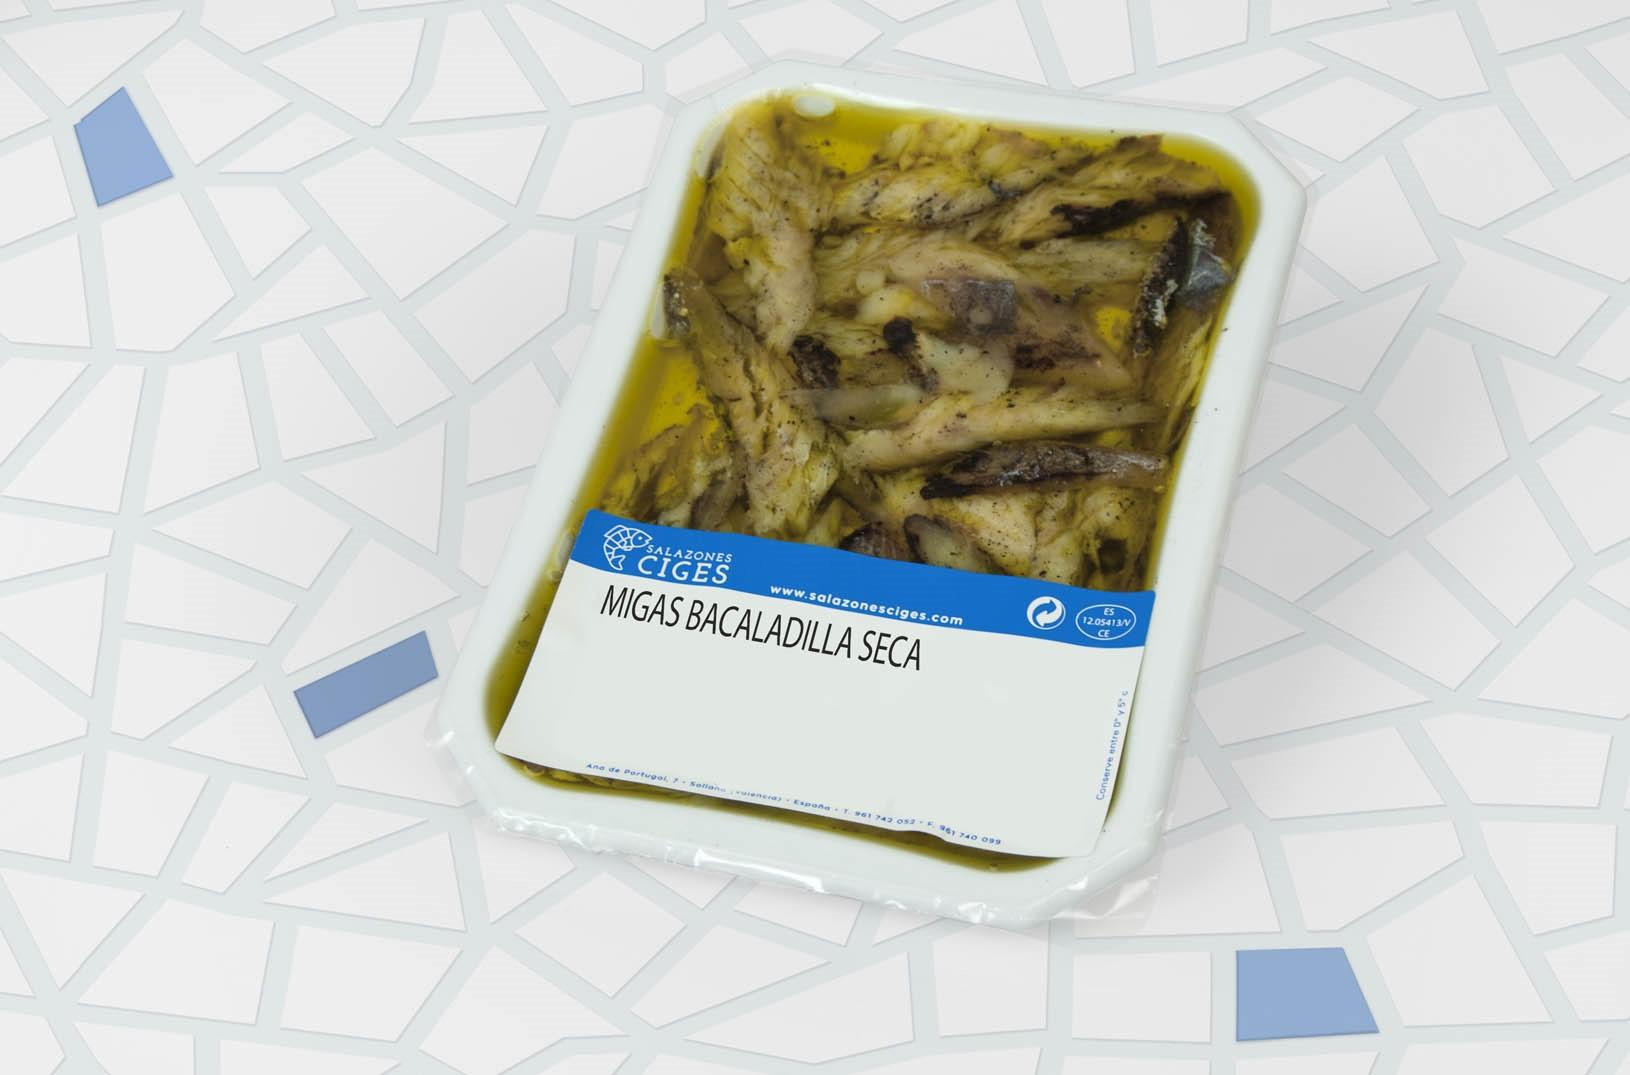 Migas bacaladilla seca 100-60